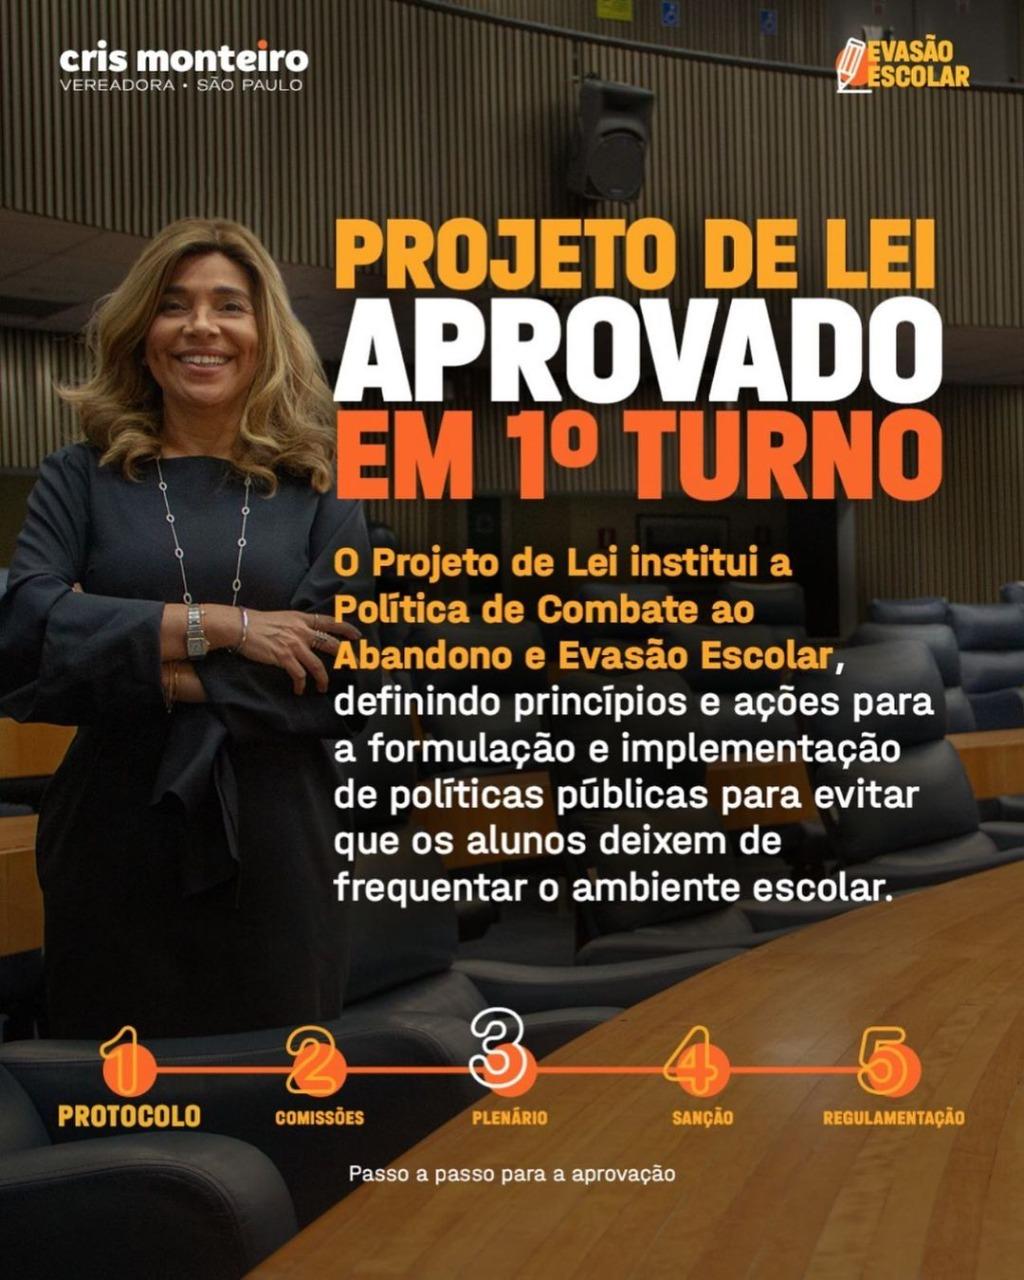 Projeto de Lei que combate a Evasão Escolar em SP foi aprovado em primeira votação